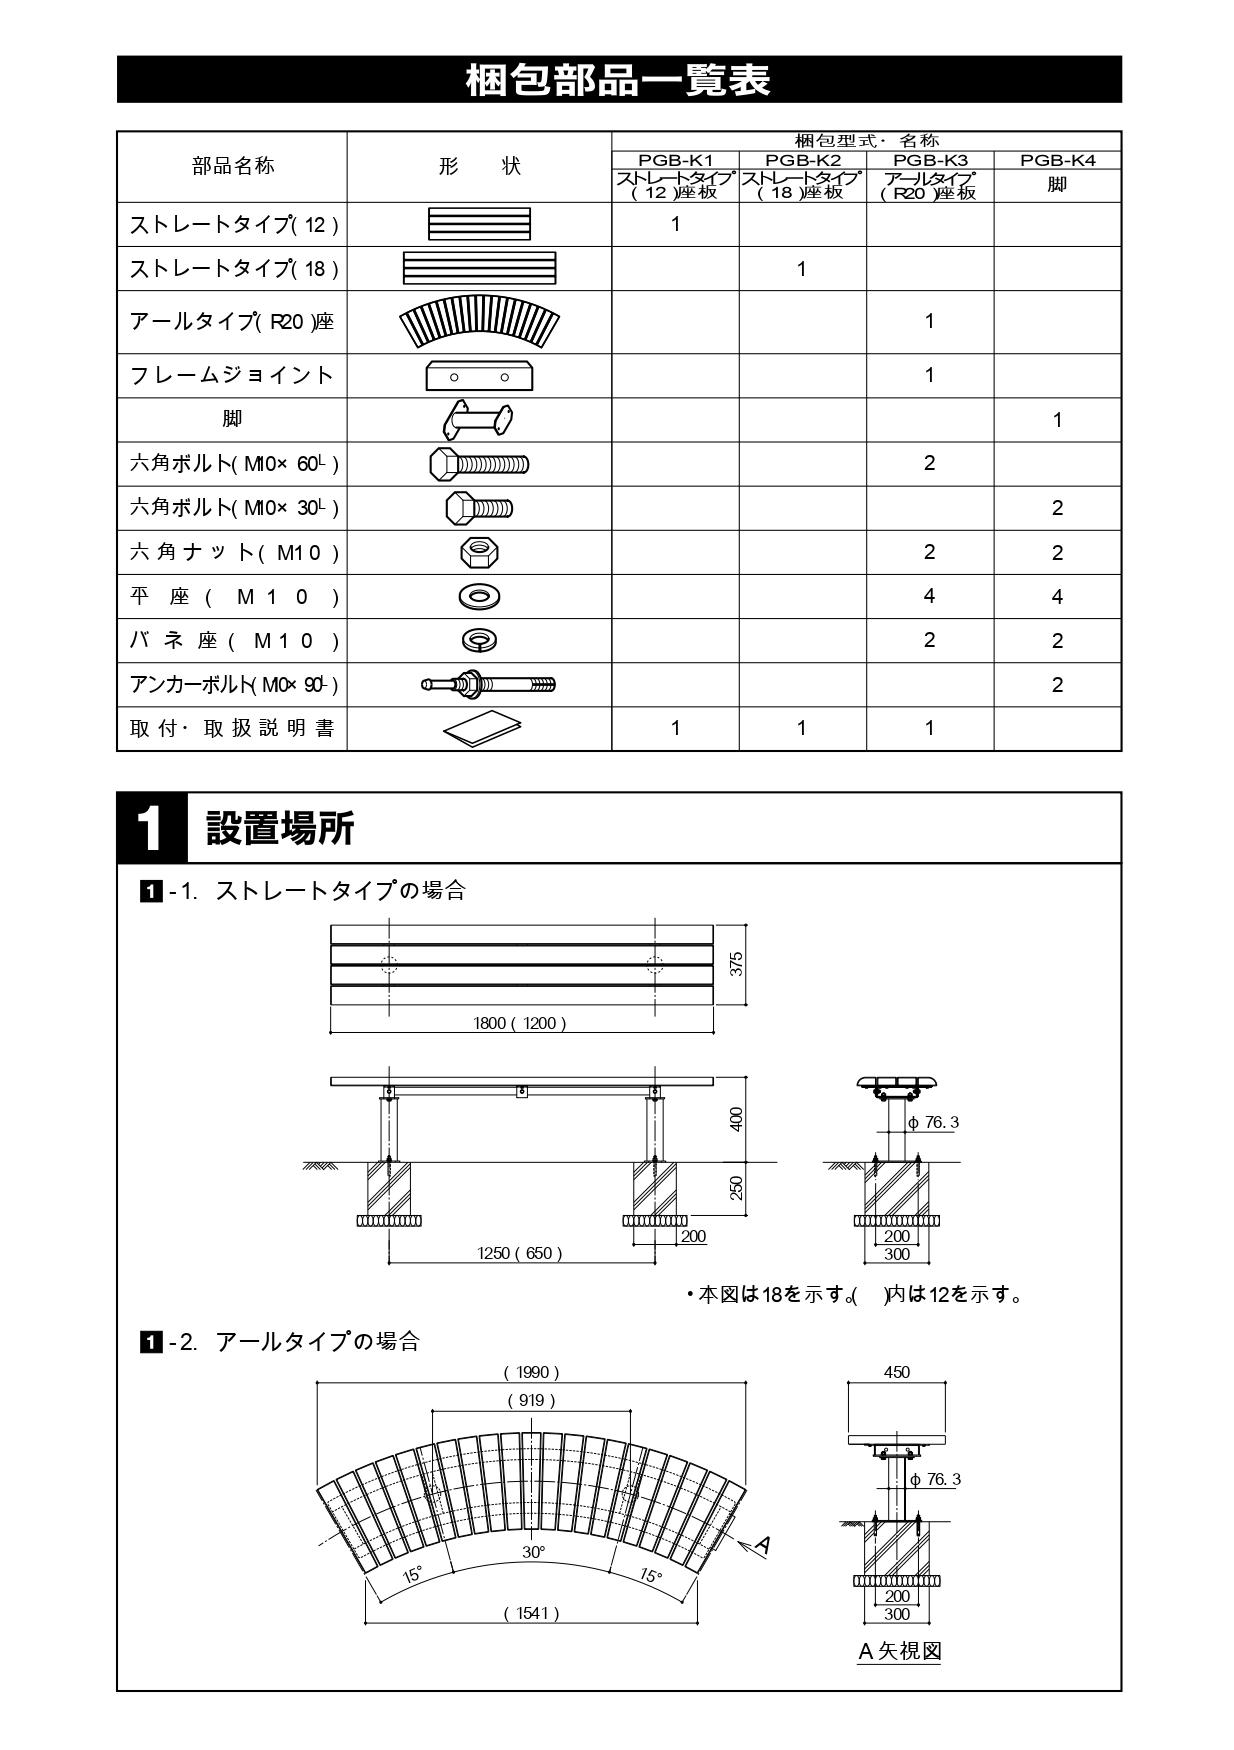 パーゴベンチ 施工説明書_page-0002